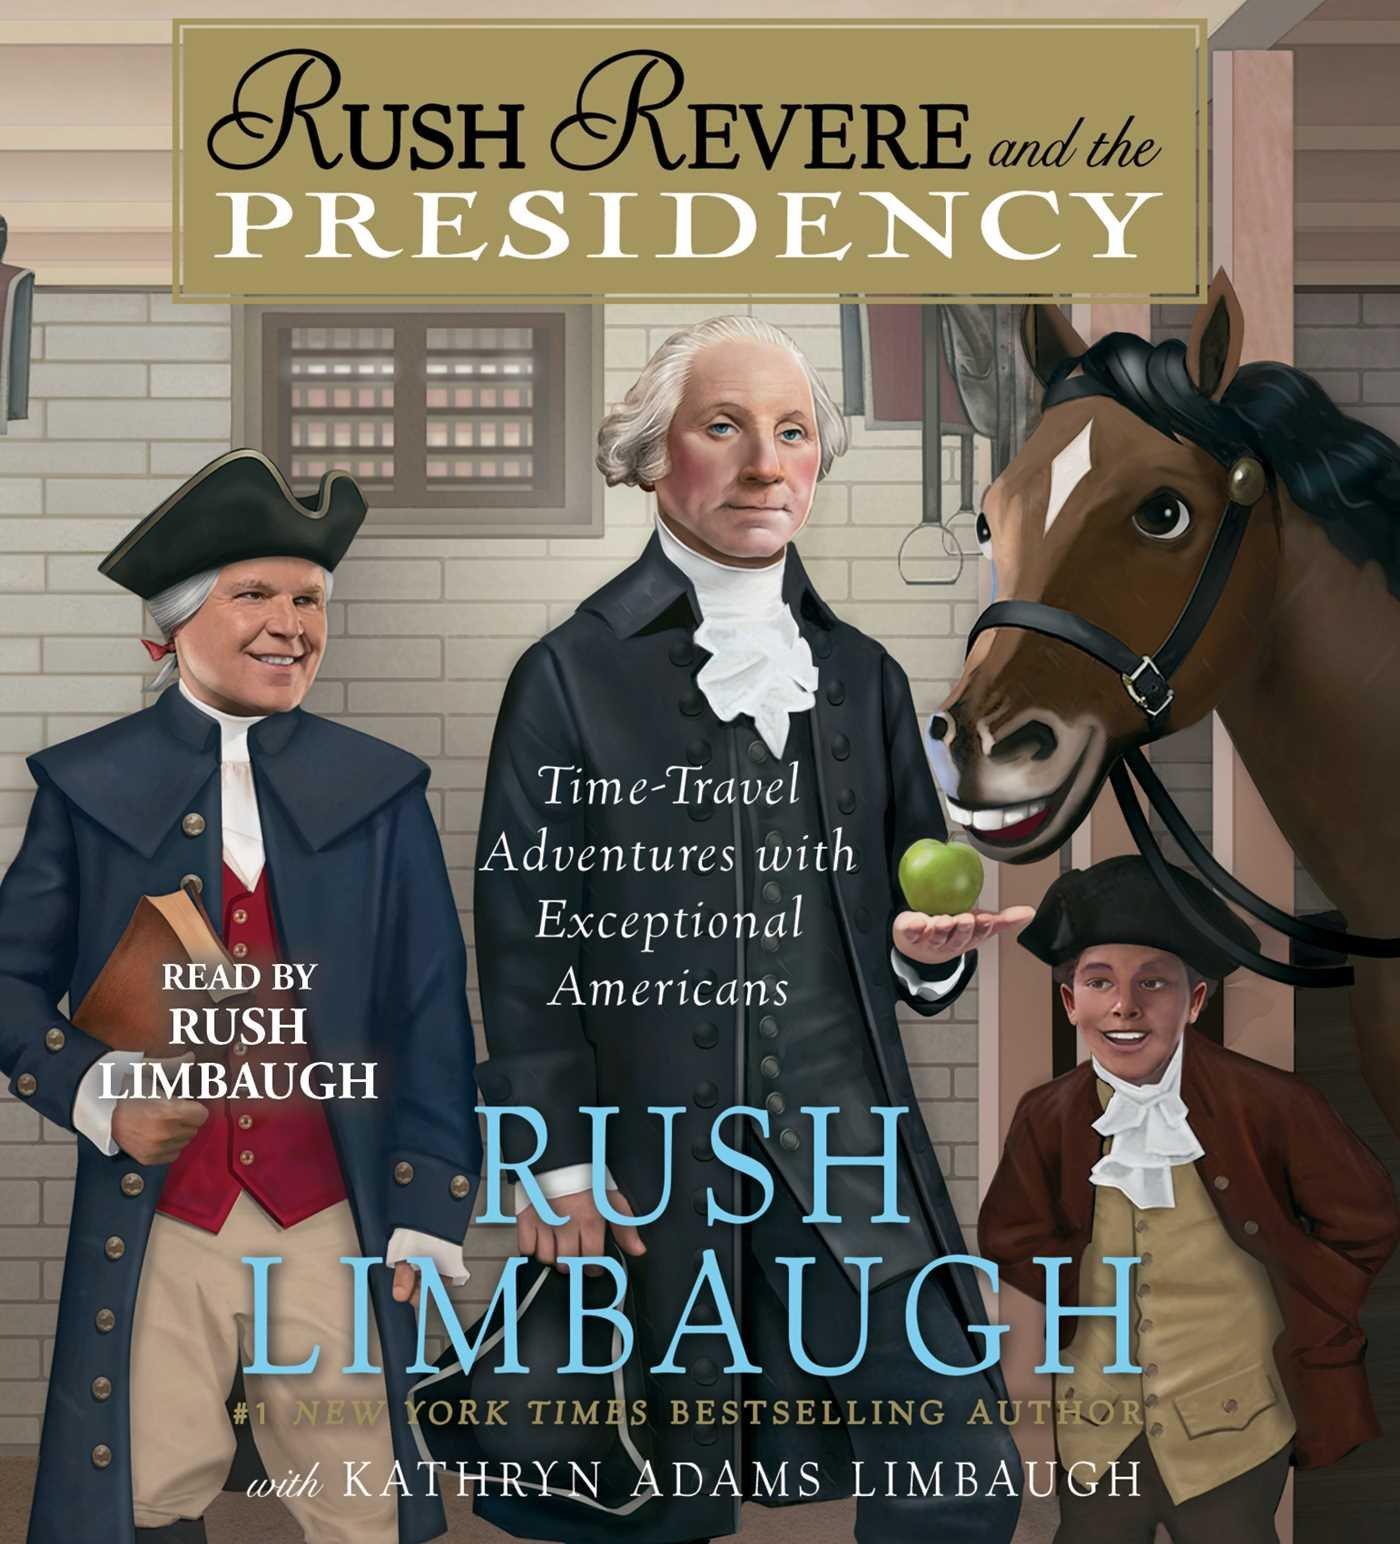 Rush Revere Audio Book